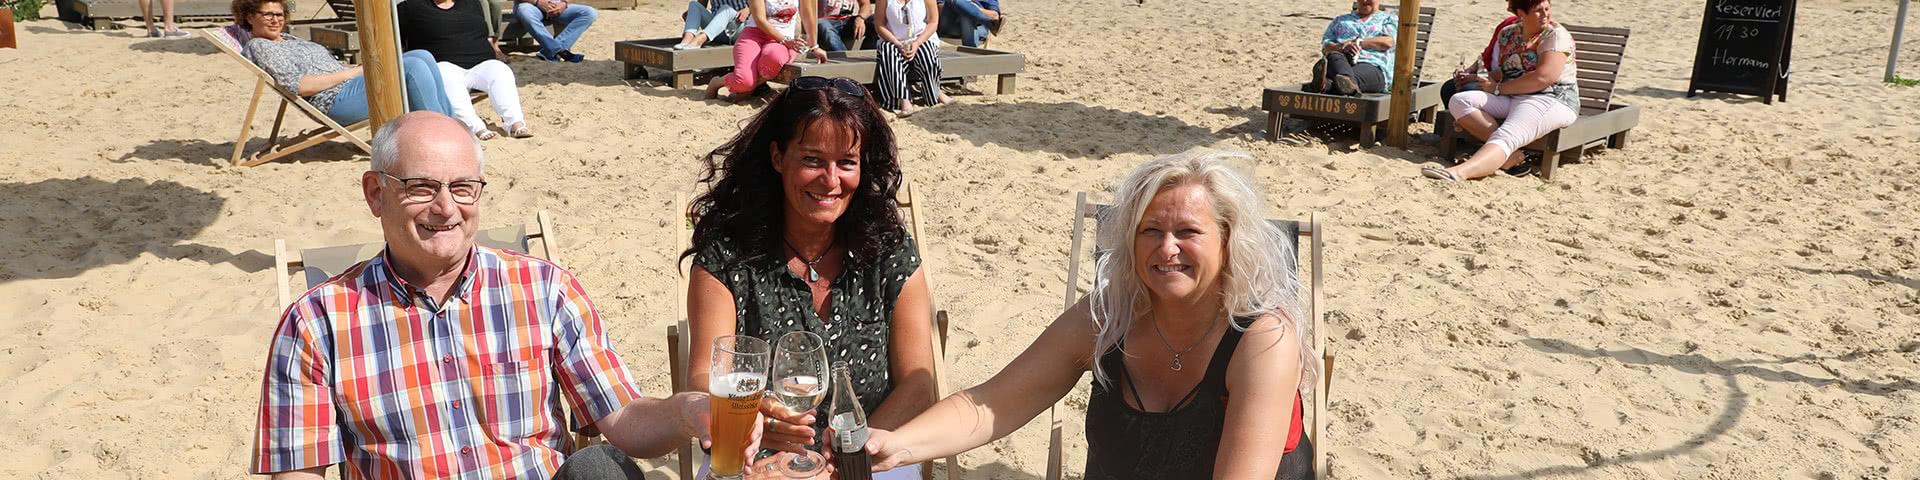 Gruppe sitzt Am Obersee Beach in Bielfeld und stößt mit Getränken an